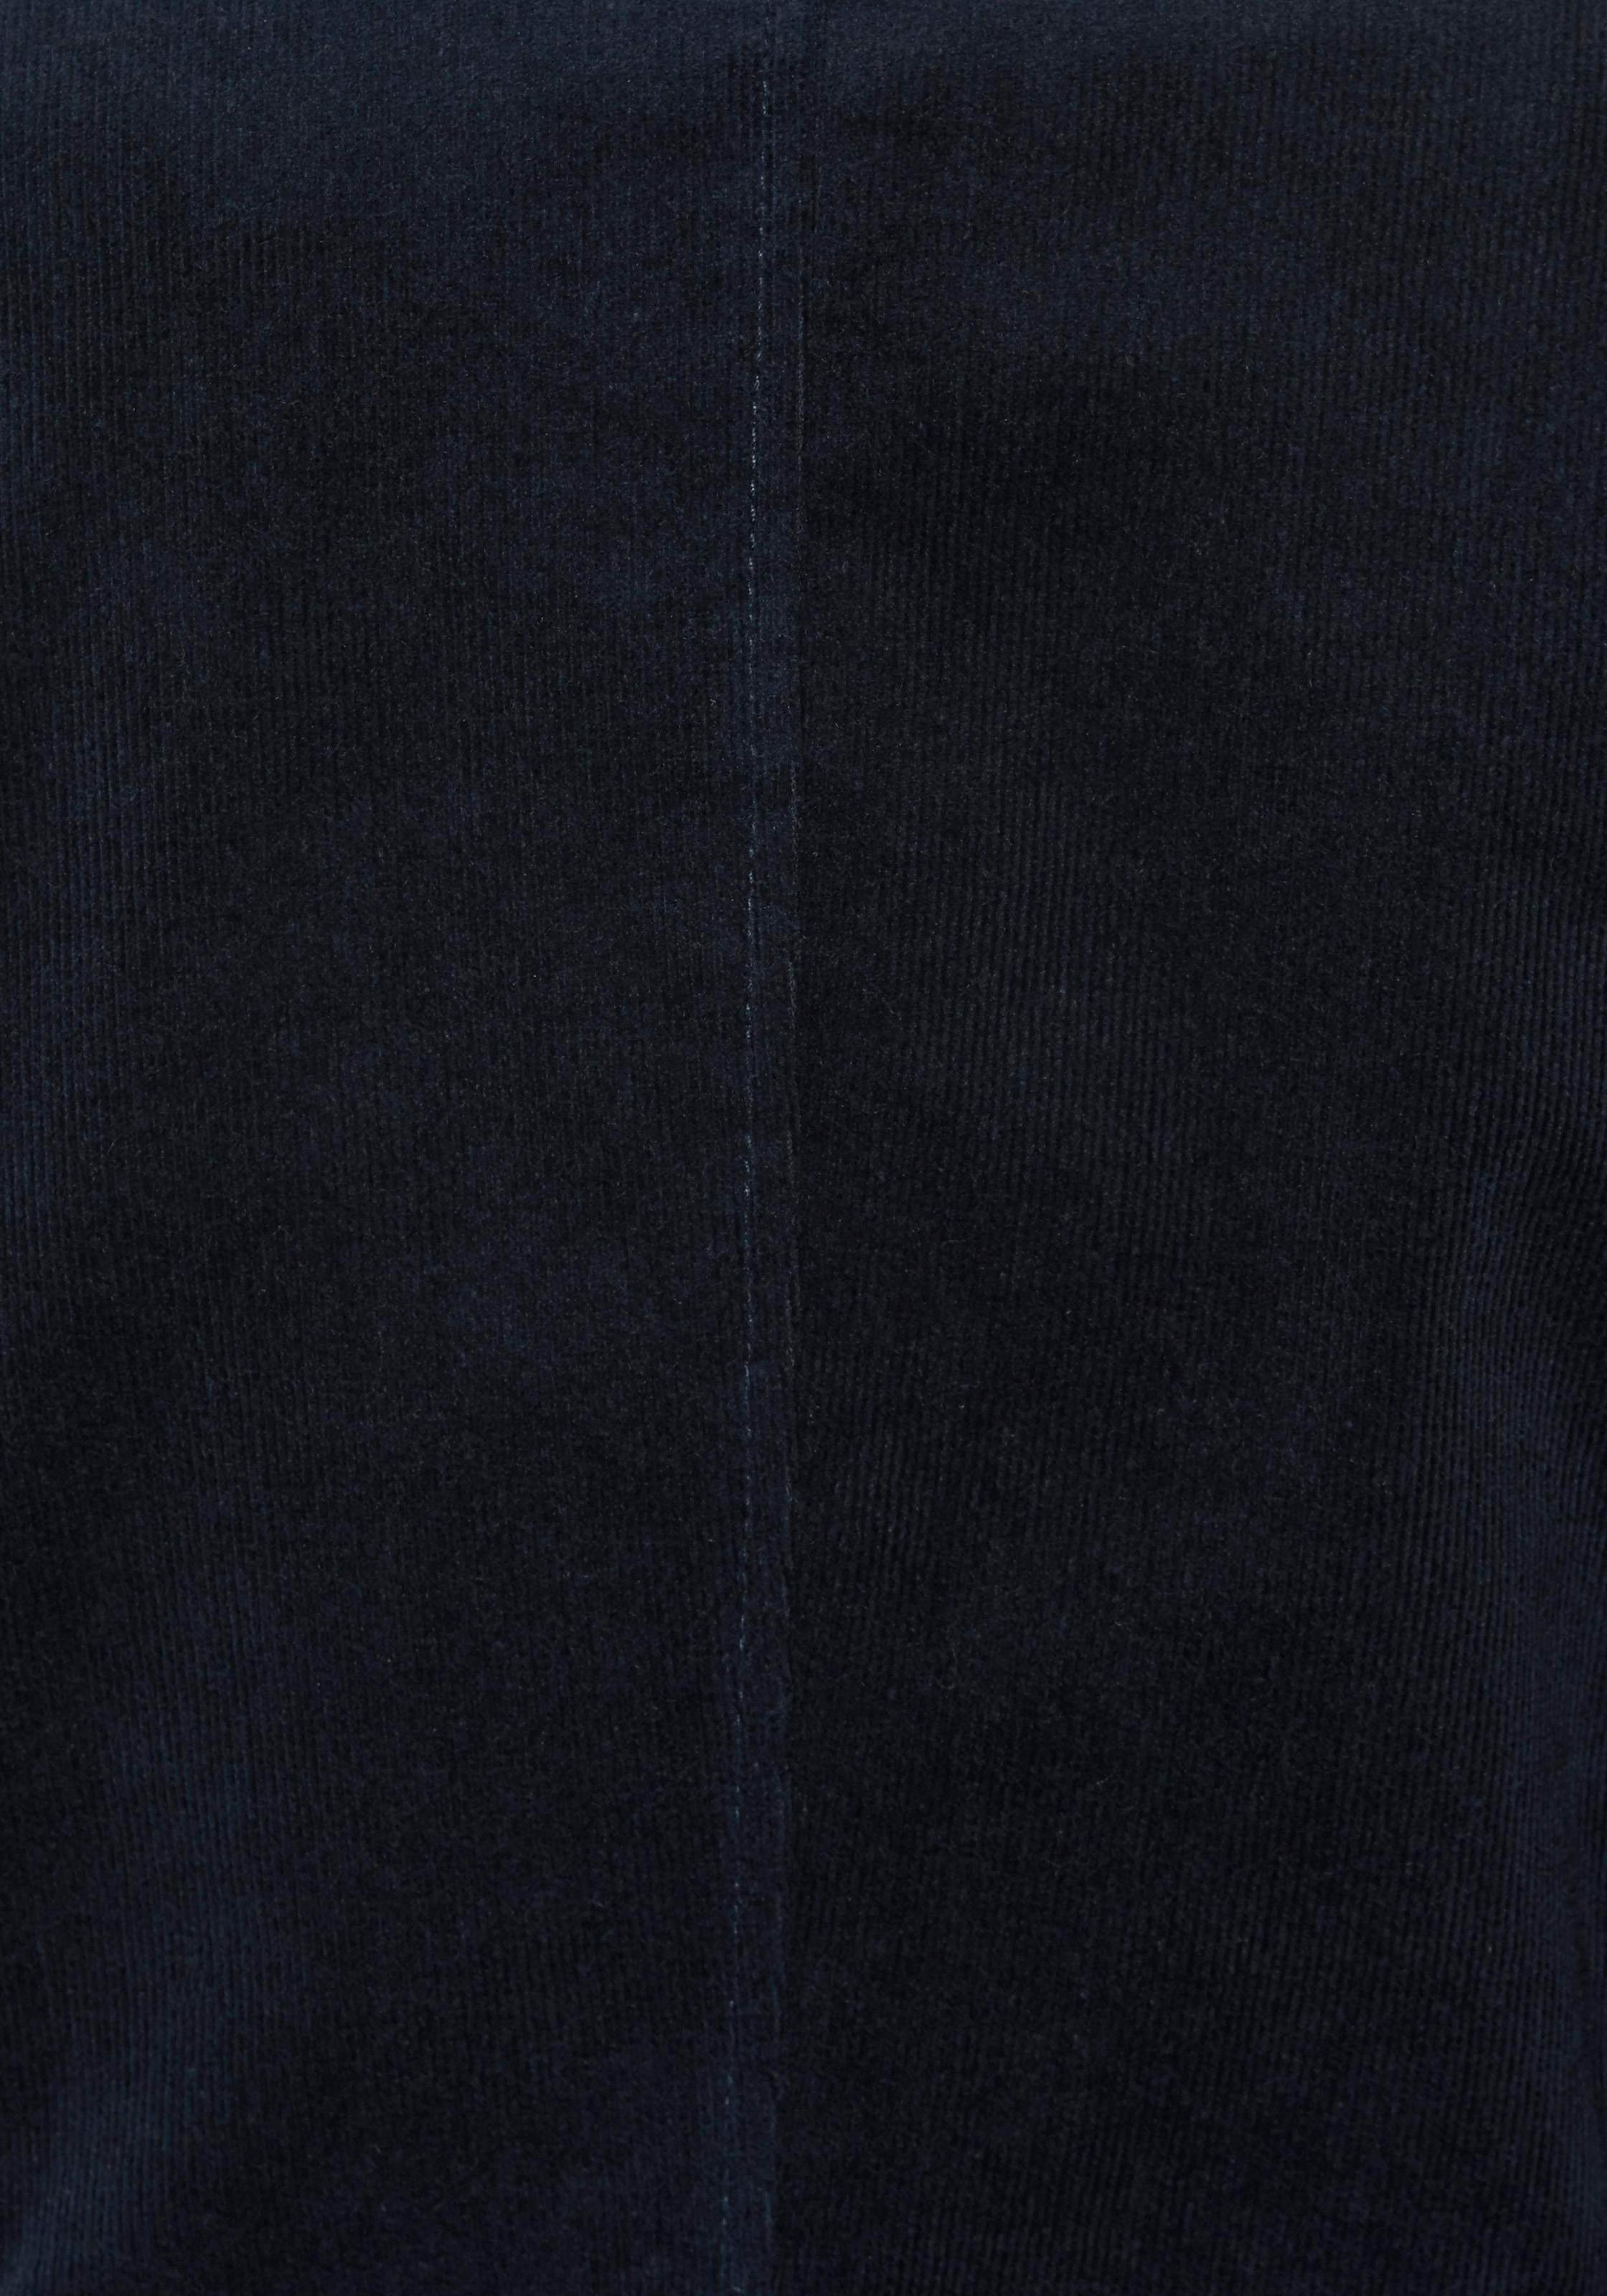 aniston casual jackenblazer Aus weichem Feincord mit Elasthananteil für hohen Tragekomfort AKLBB410220025